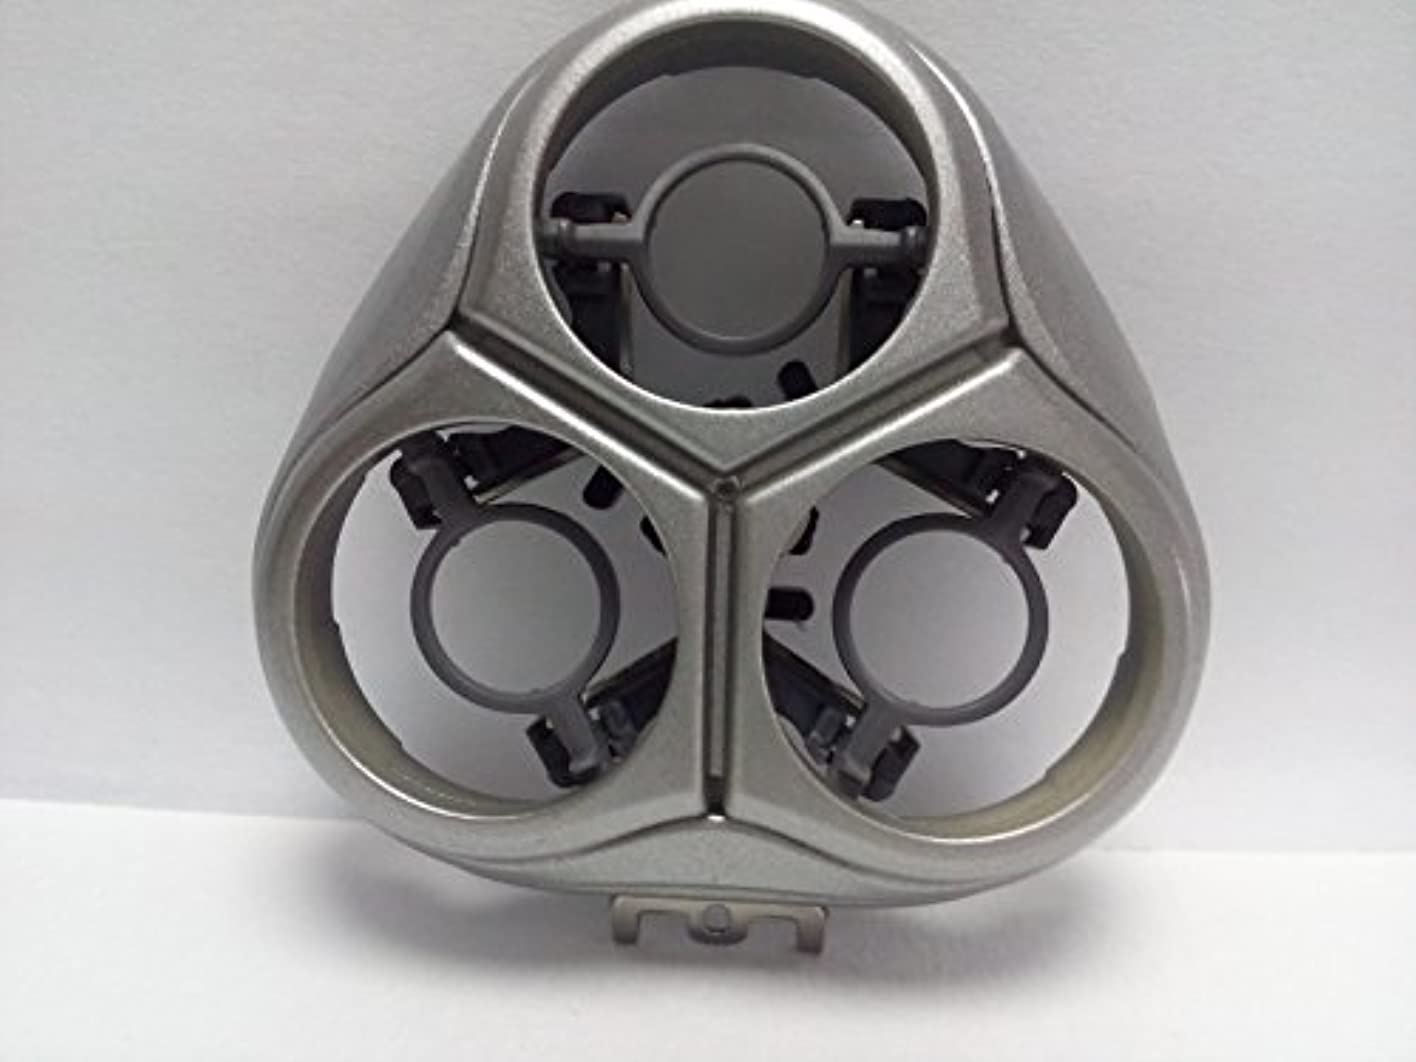 シェービングカミソリヘッドフレームホルダーカバー ブレードフレーム For Philips Norelco HQ8200 HQ8230 HQ8261 HQ8241 HQ8251 Shaver Razor Head blade...